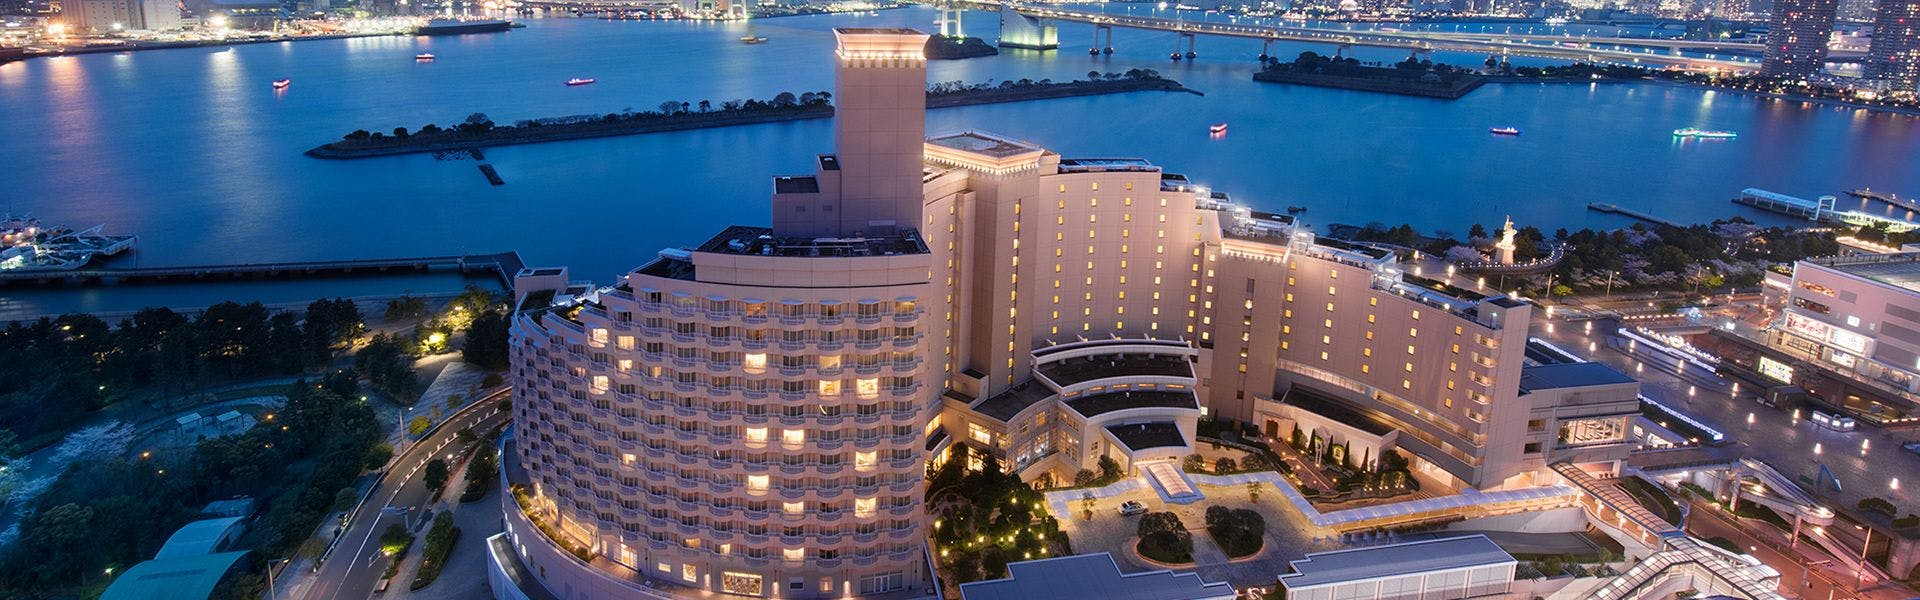 ホテル 豊洲 ビジネス